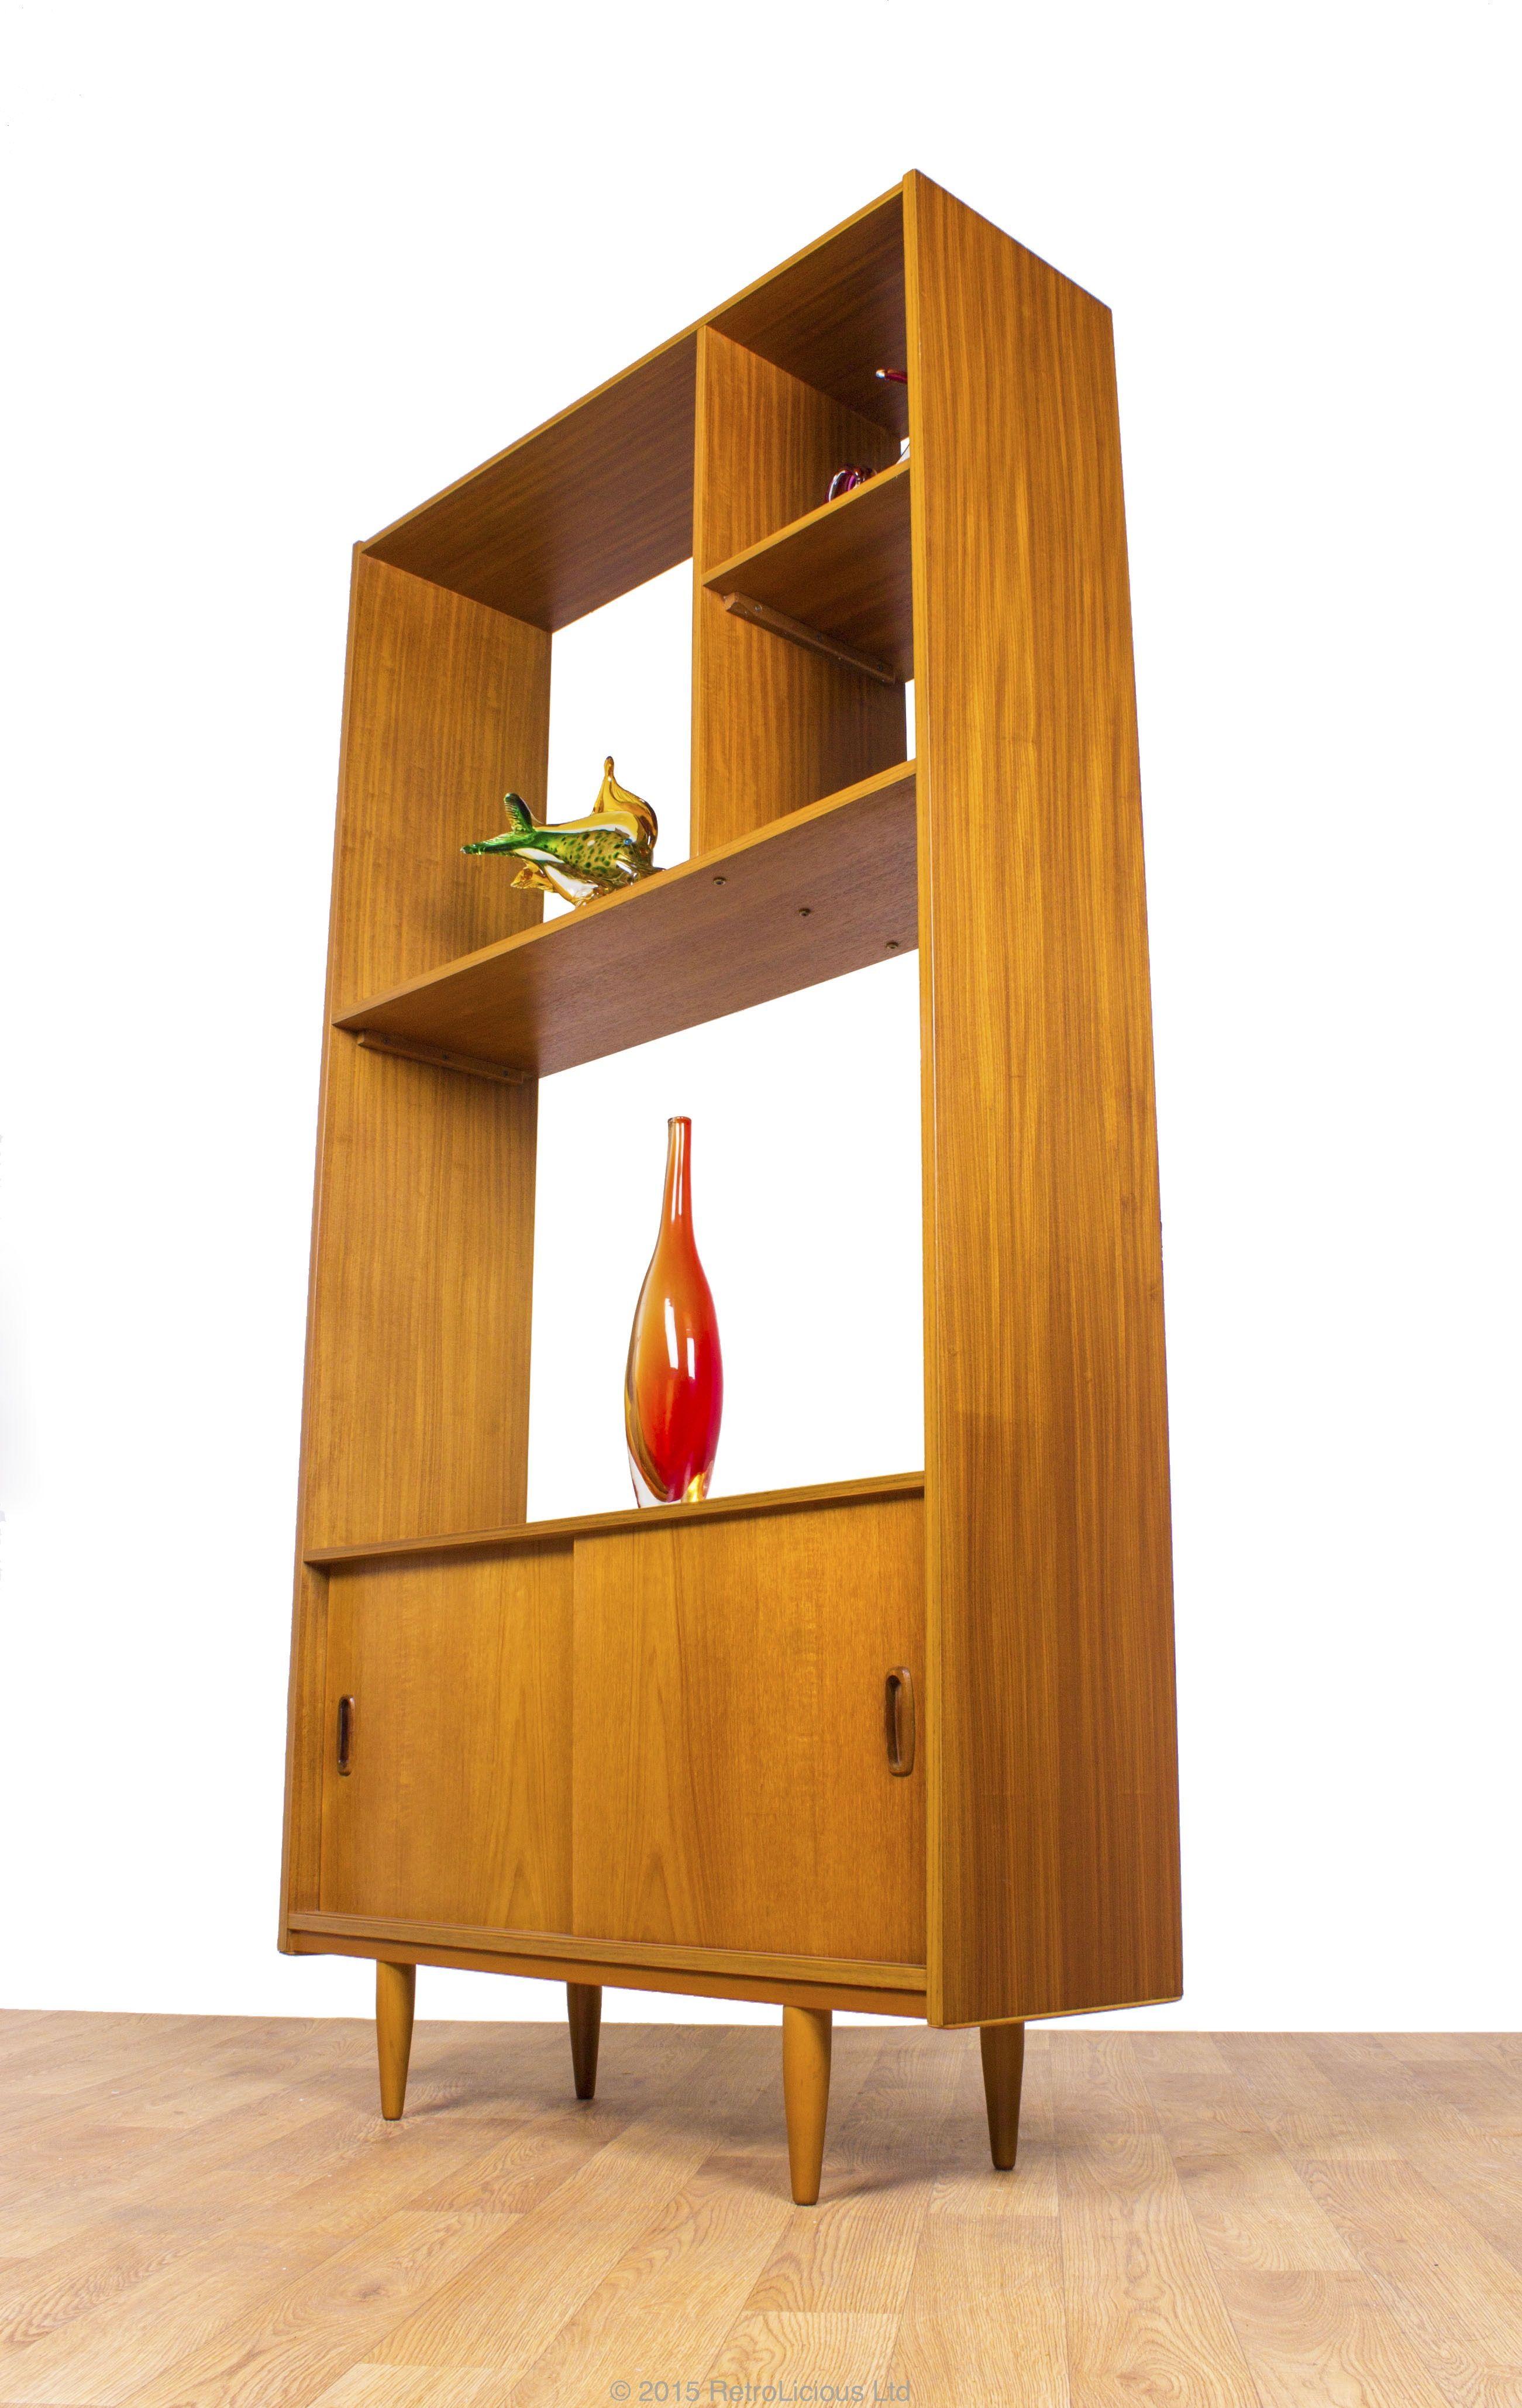 Room Divider Shelf Units Contemporary Shelf UnitRoom Divider